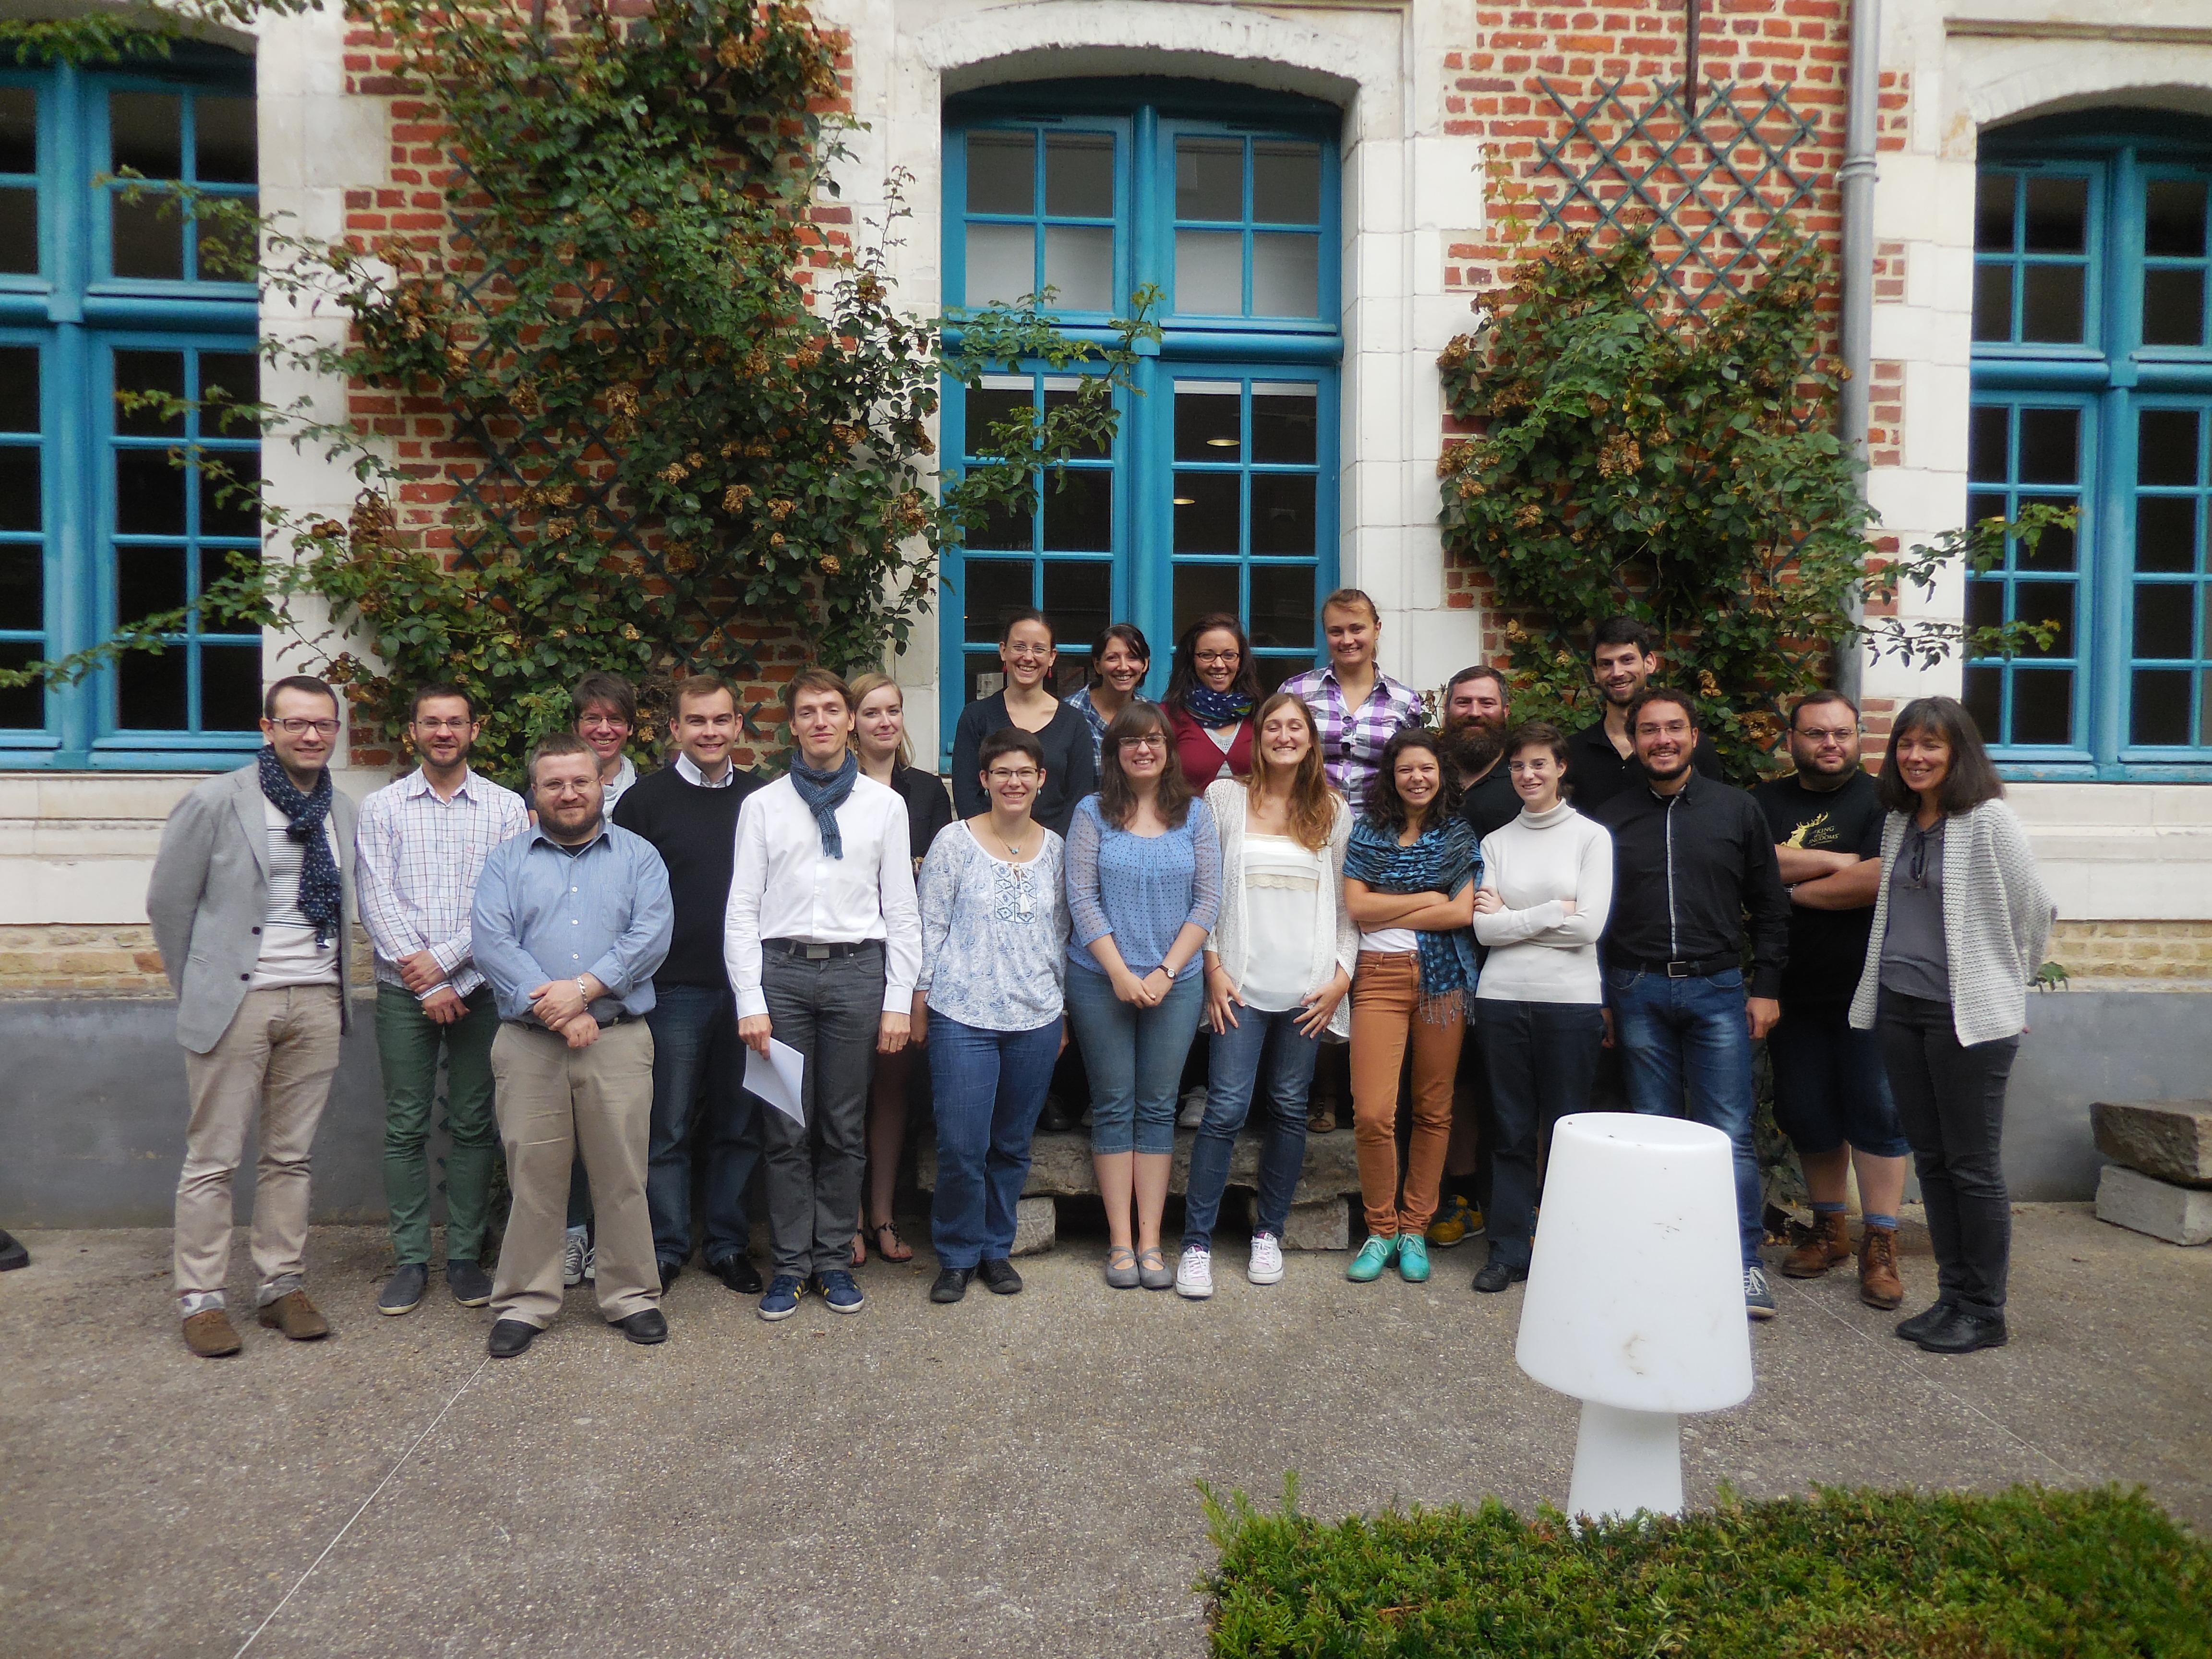 Ecole d'été Saint-Omer 2015 : intervenants et participants